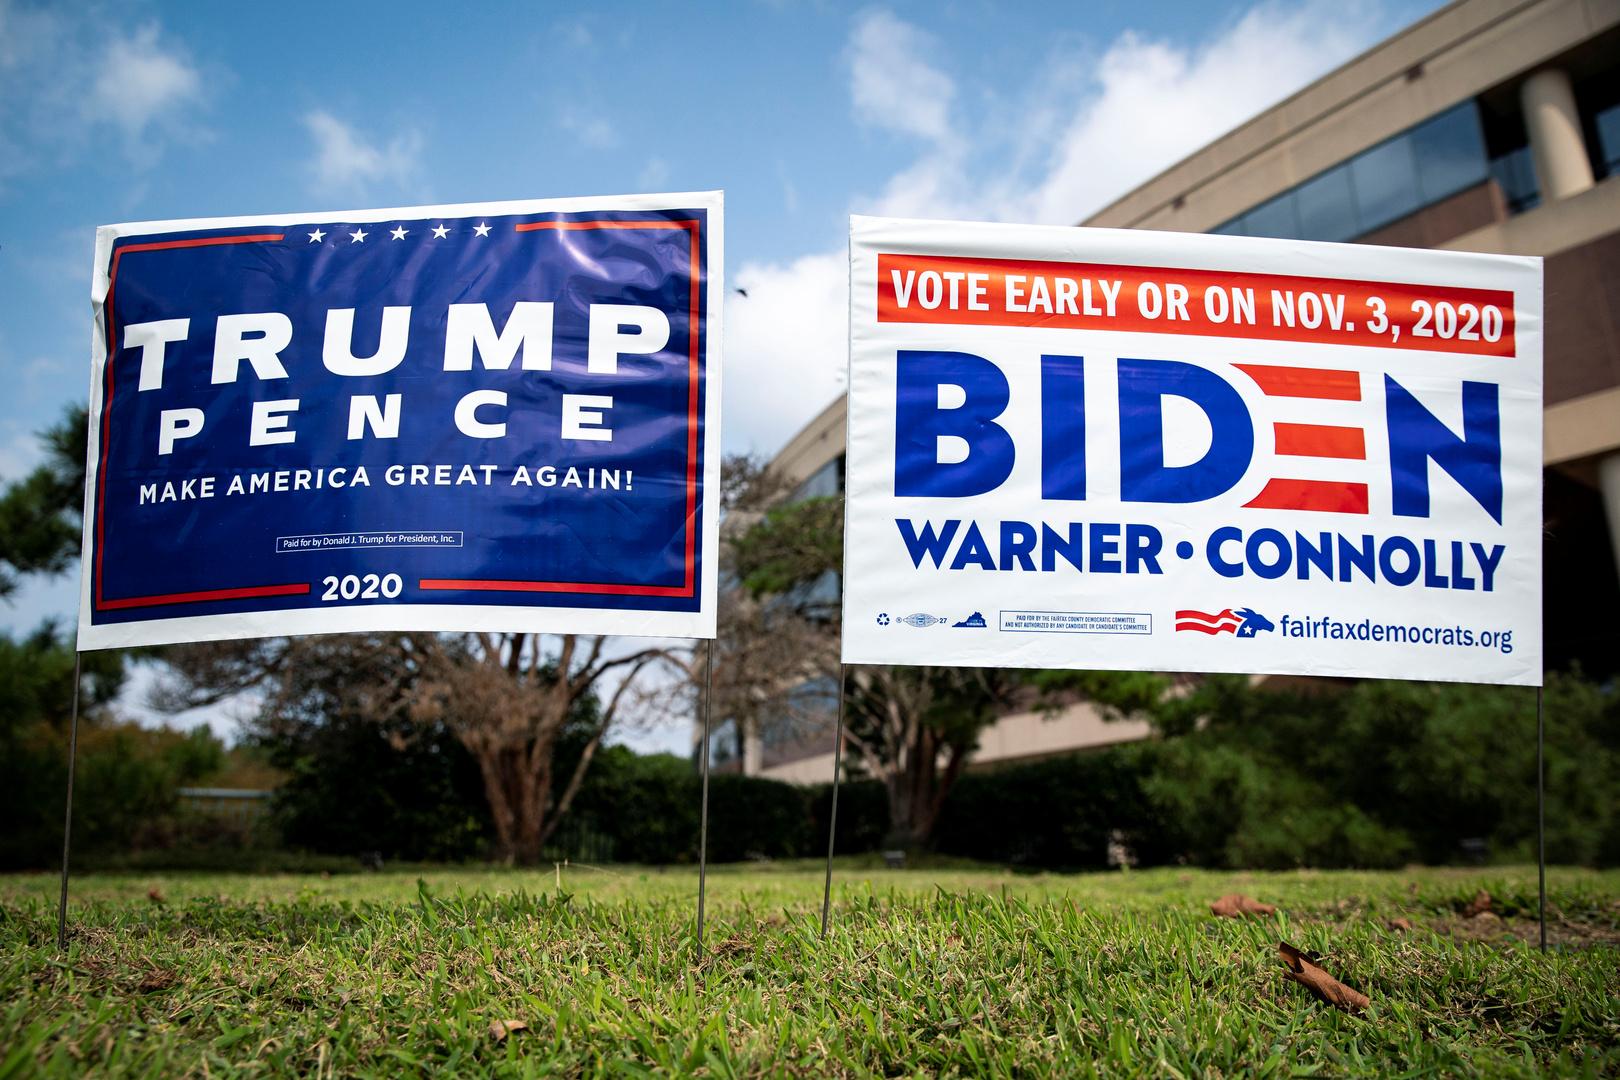 استطلاعات: بايدن في الصدارة لكن ترامب يحتفظ بفرصة للفوز